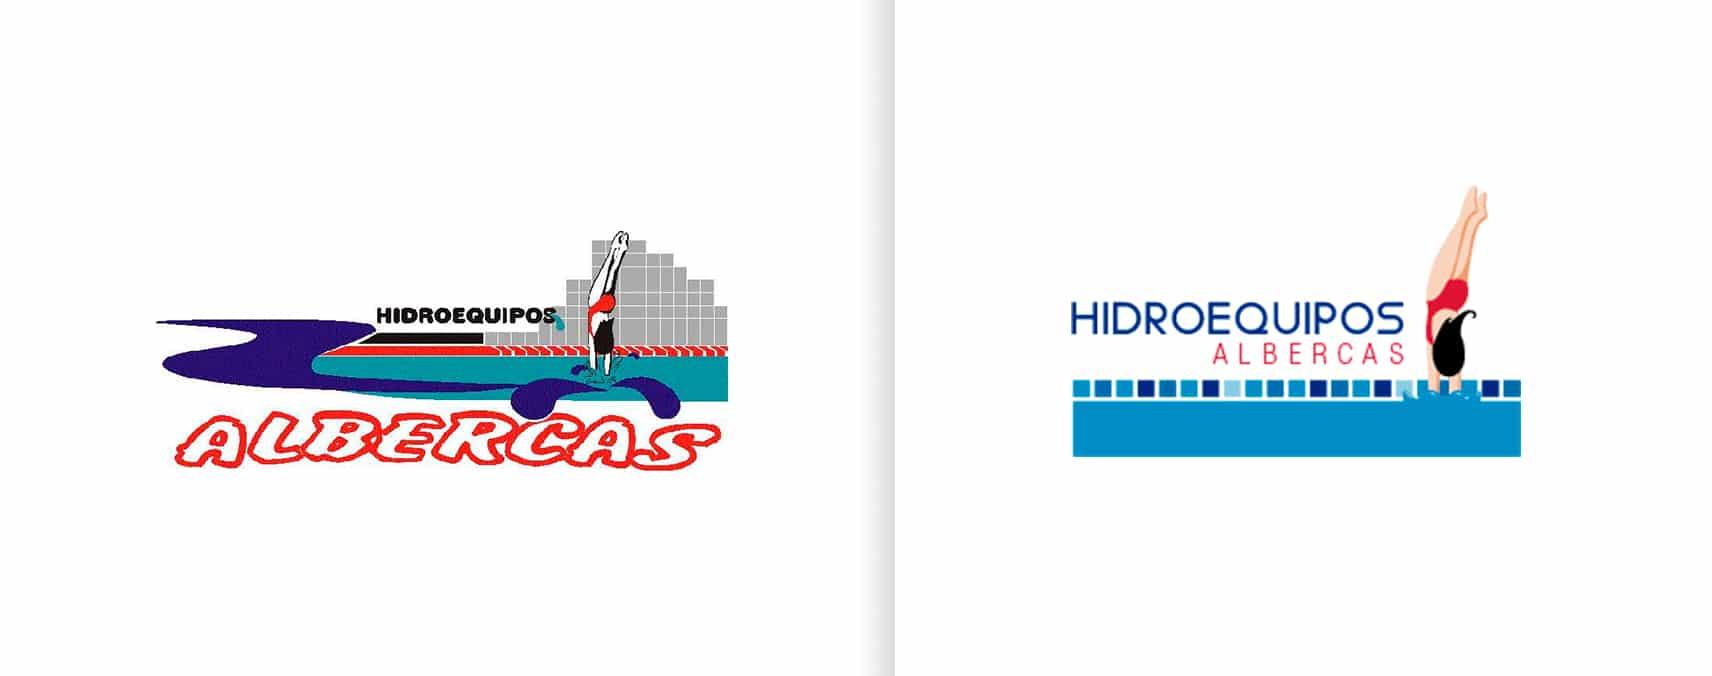 rediseño de logotipo hidroequipos albercas